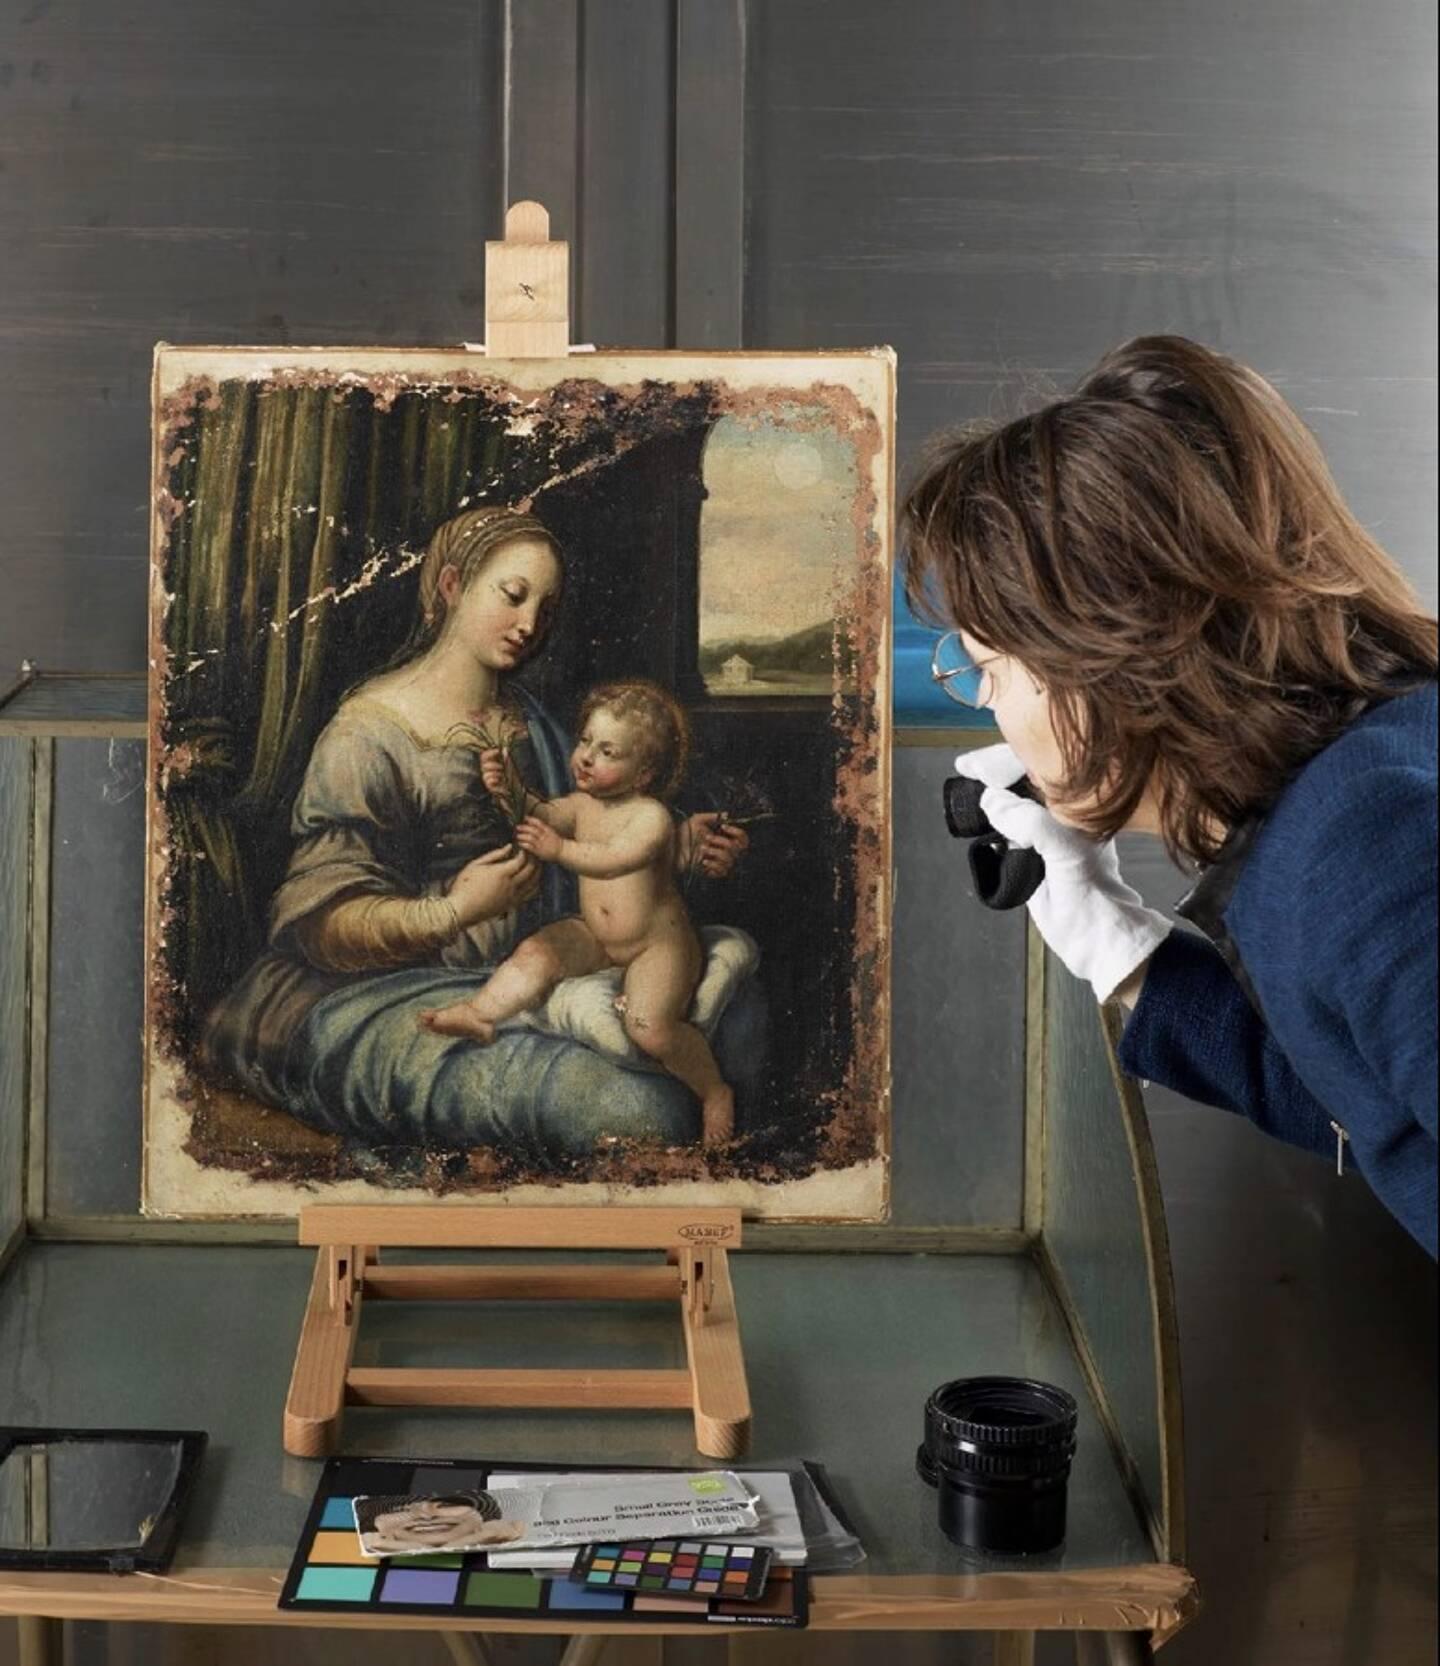 L'experte en histoire de l'art Laure Chevalier a étudié cette oeuvre très ancienne durant neuf ans, croisant recherches scientifiques et investigations historiques.